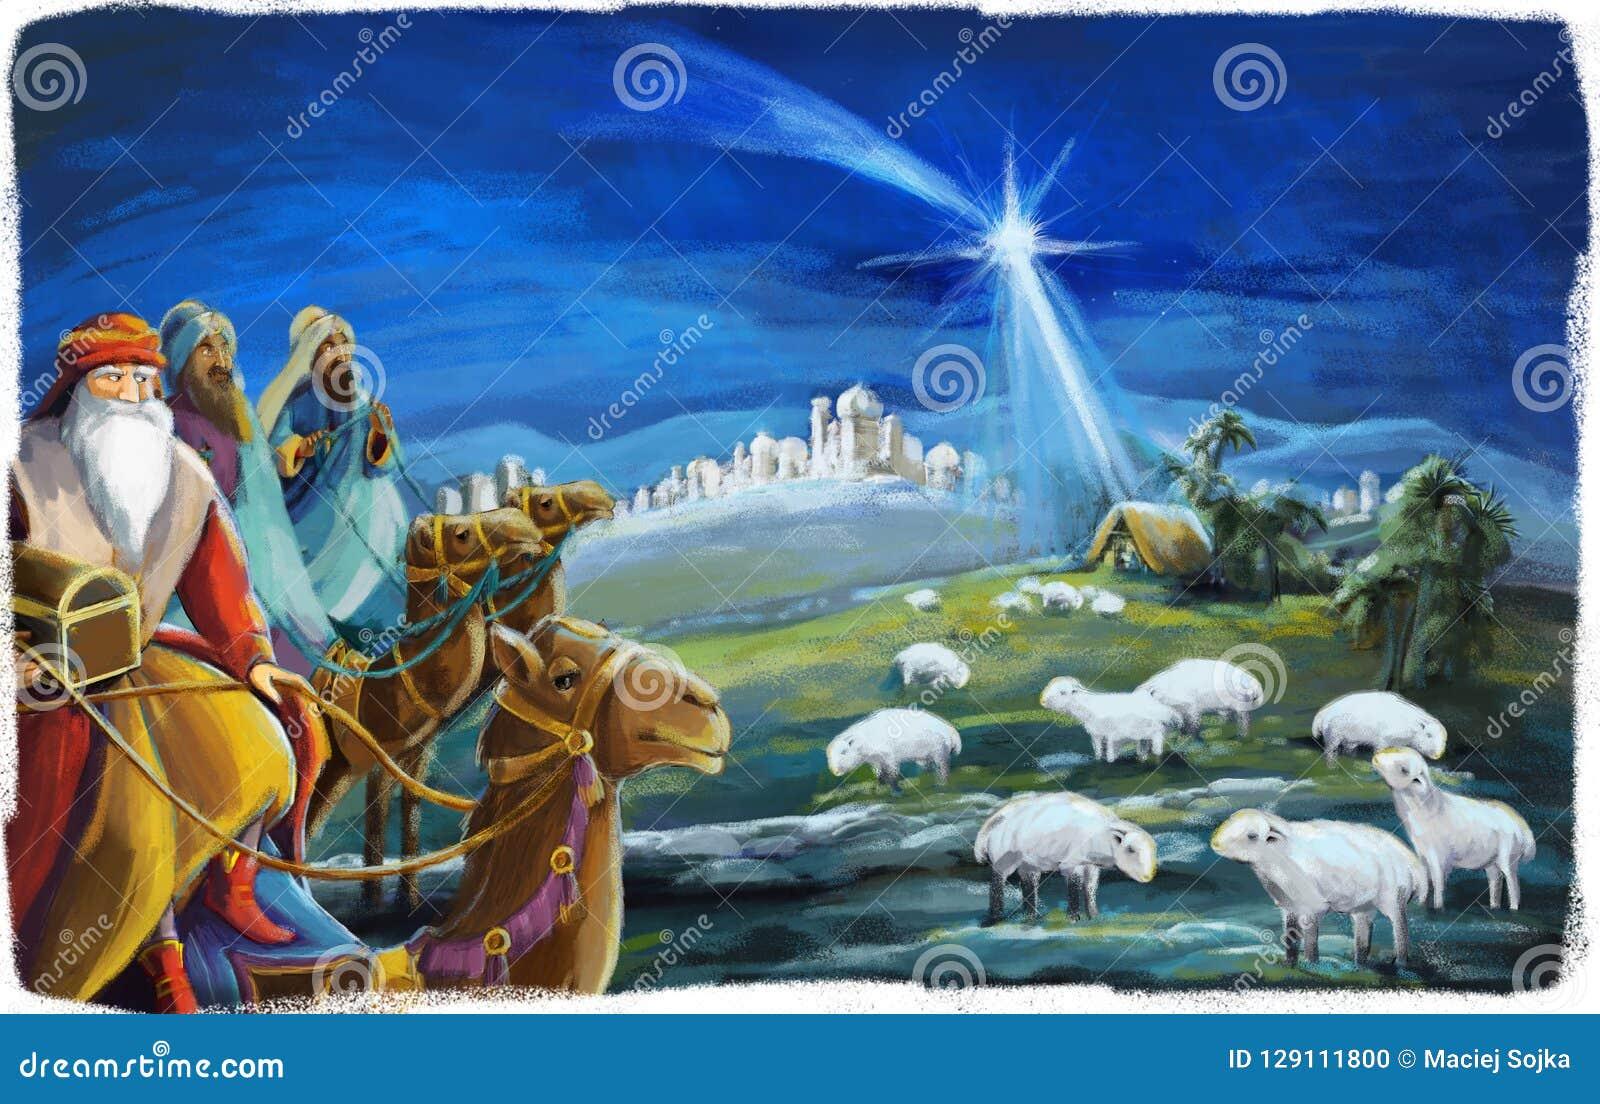 L illustration de la famille sainte et de trois rois - scène traditionnelle